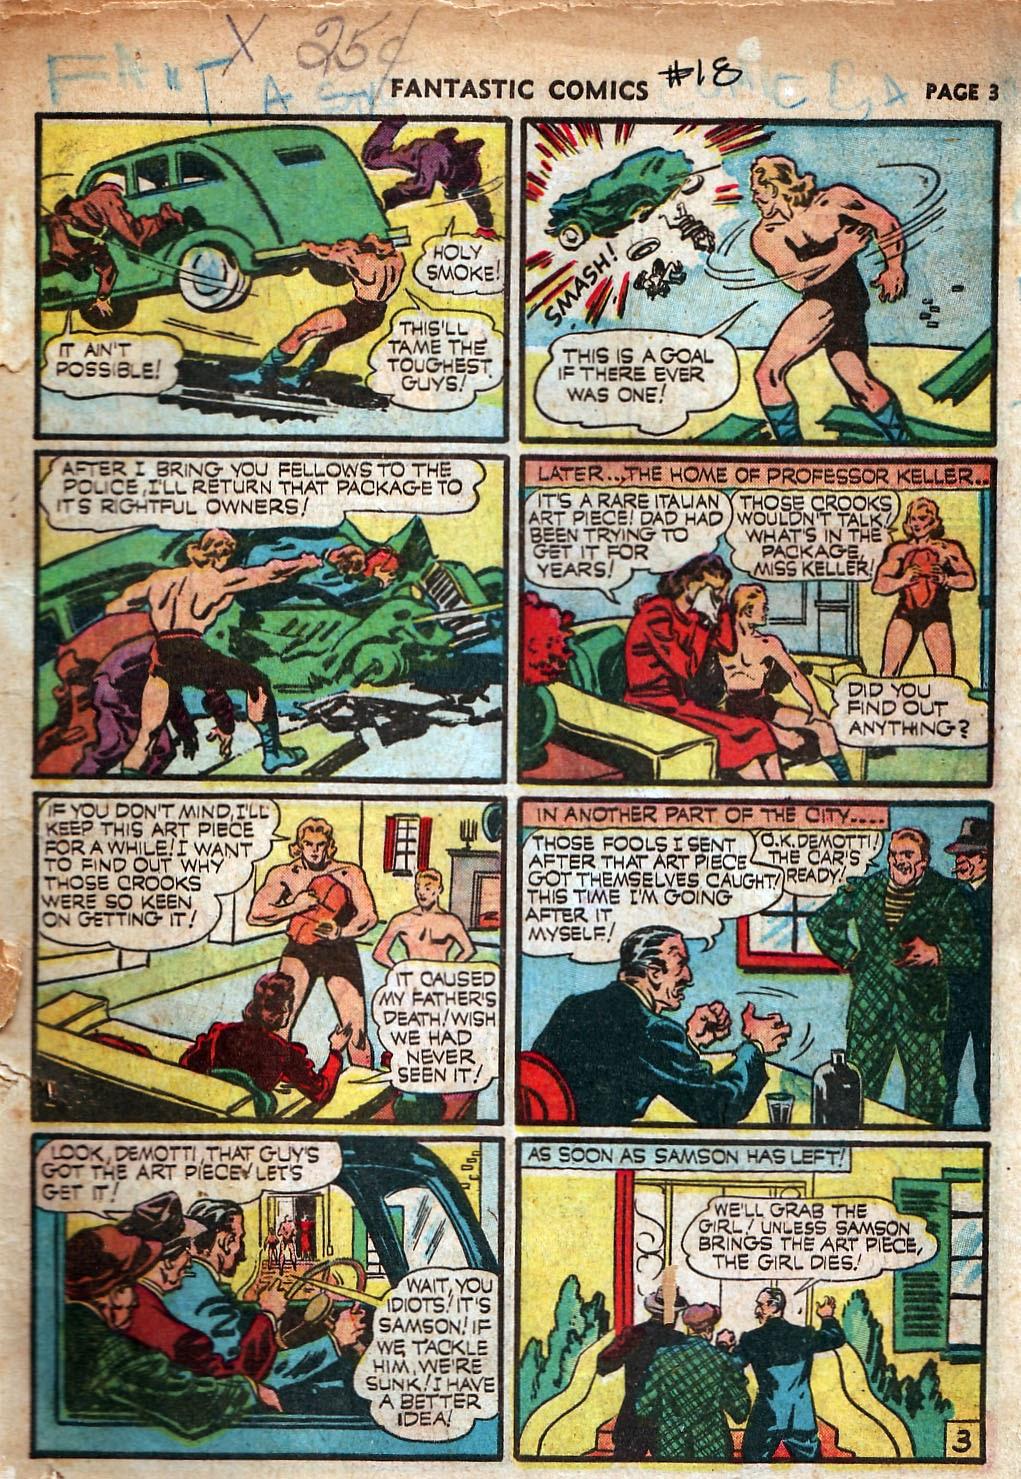 Read online Fantastic Comics comic -  Issue #18 - 5